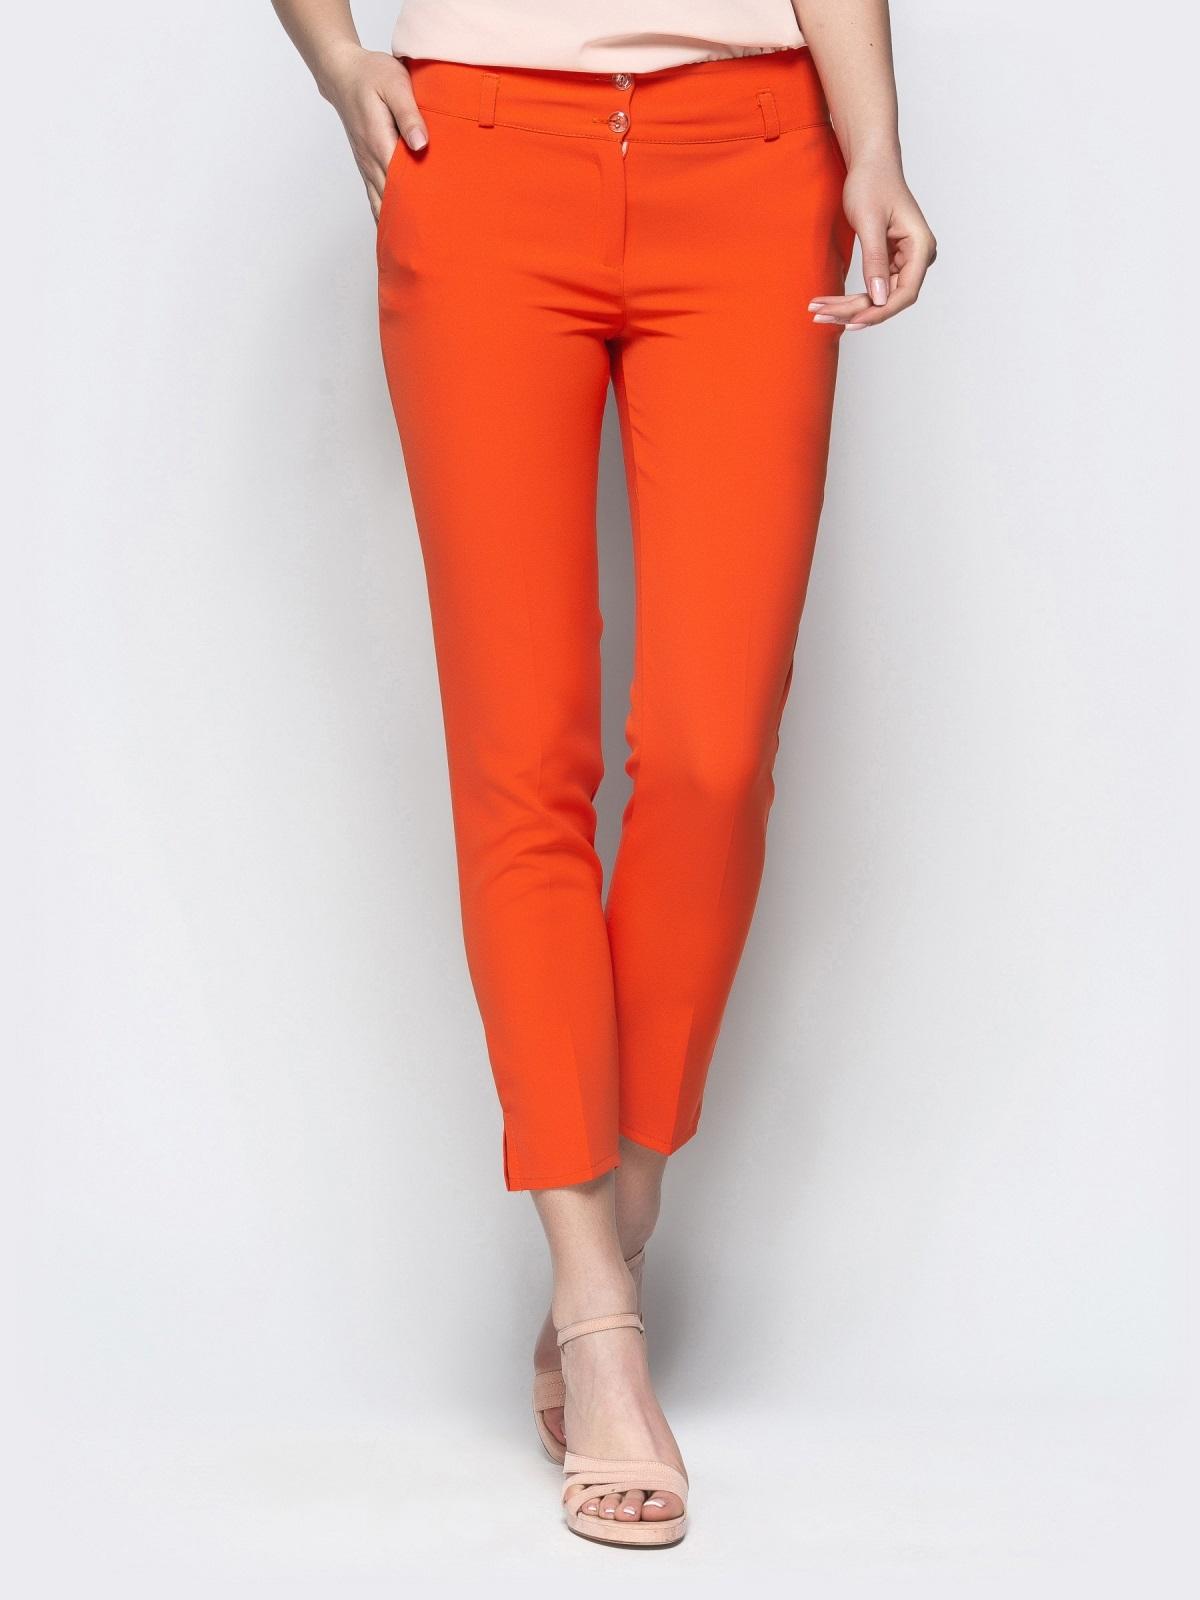 Укороченные брюки-дудочки оранжевого цвета с карманами 21869, фото 1